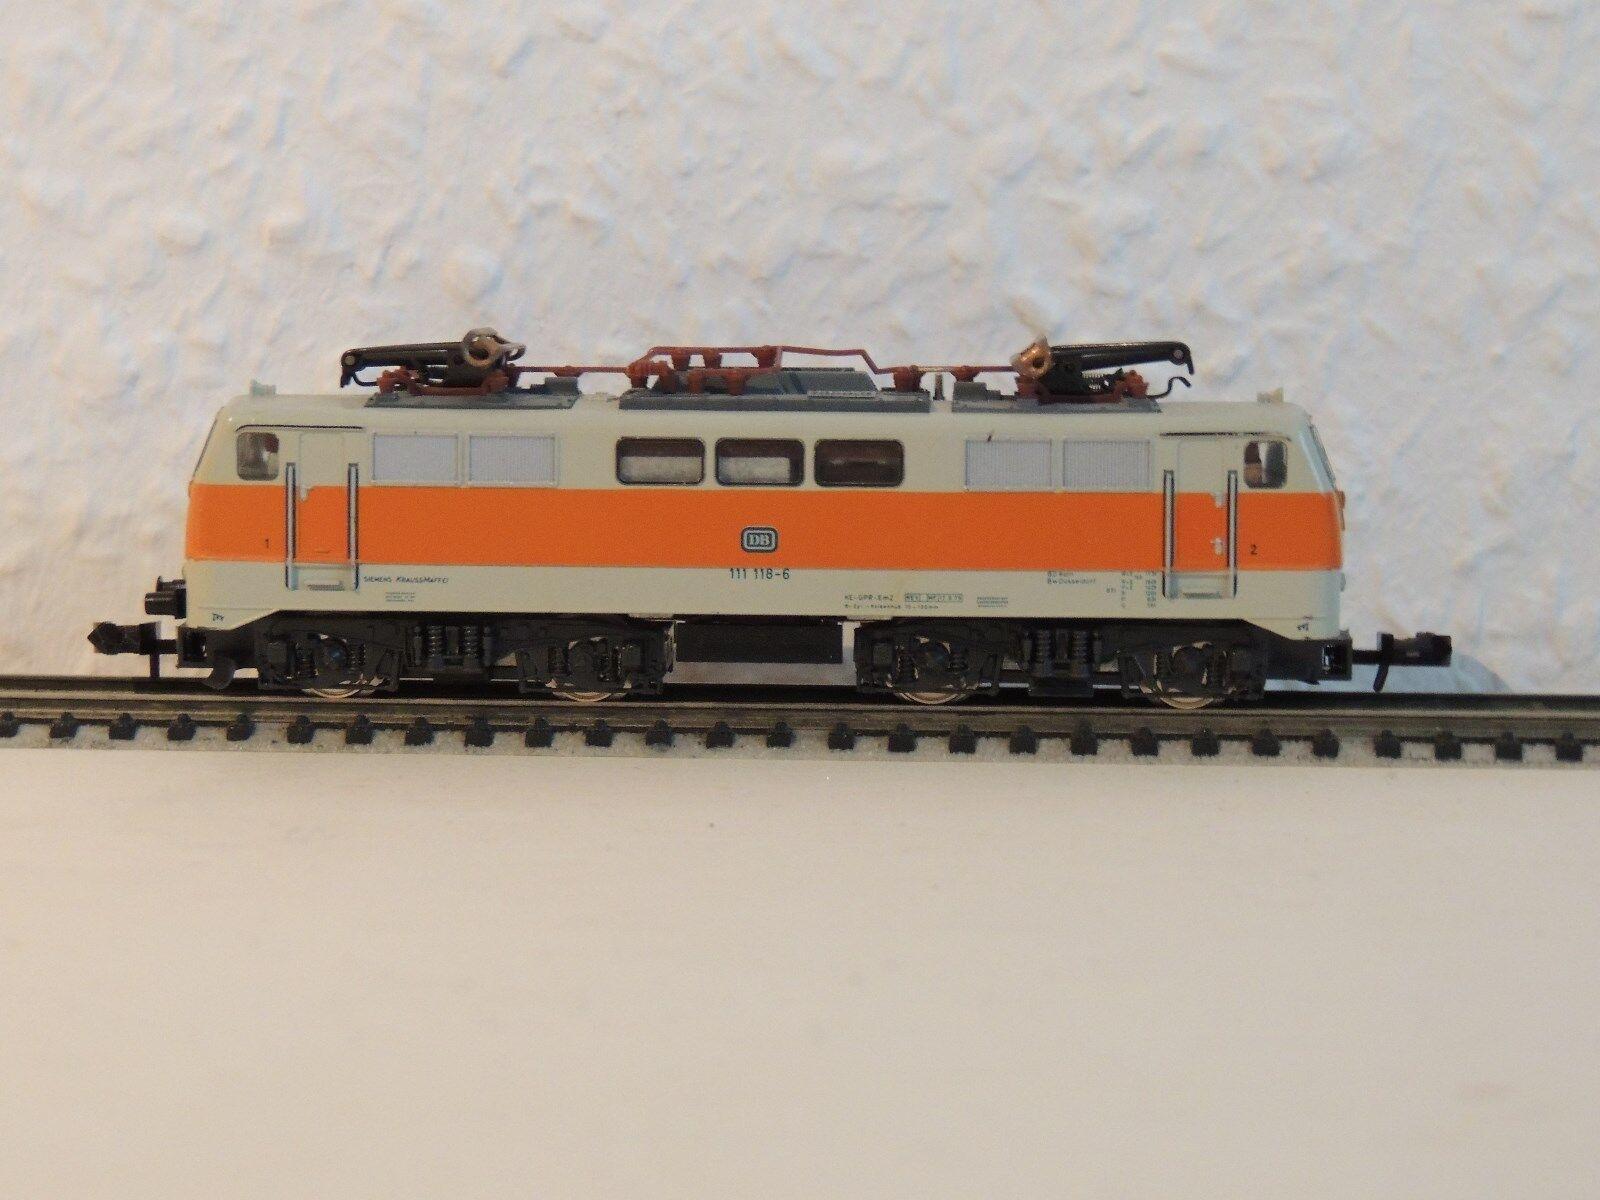 12,23  1 x mt BR 111 Arancione/Grigio, S-Bahn-versione, Lok 111 118-6